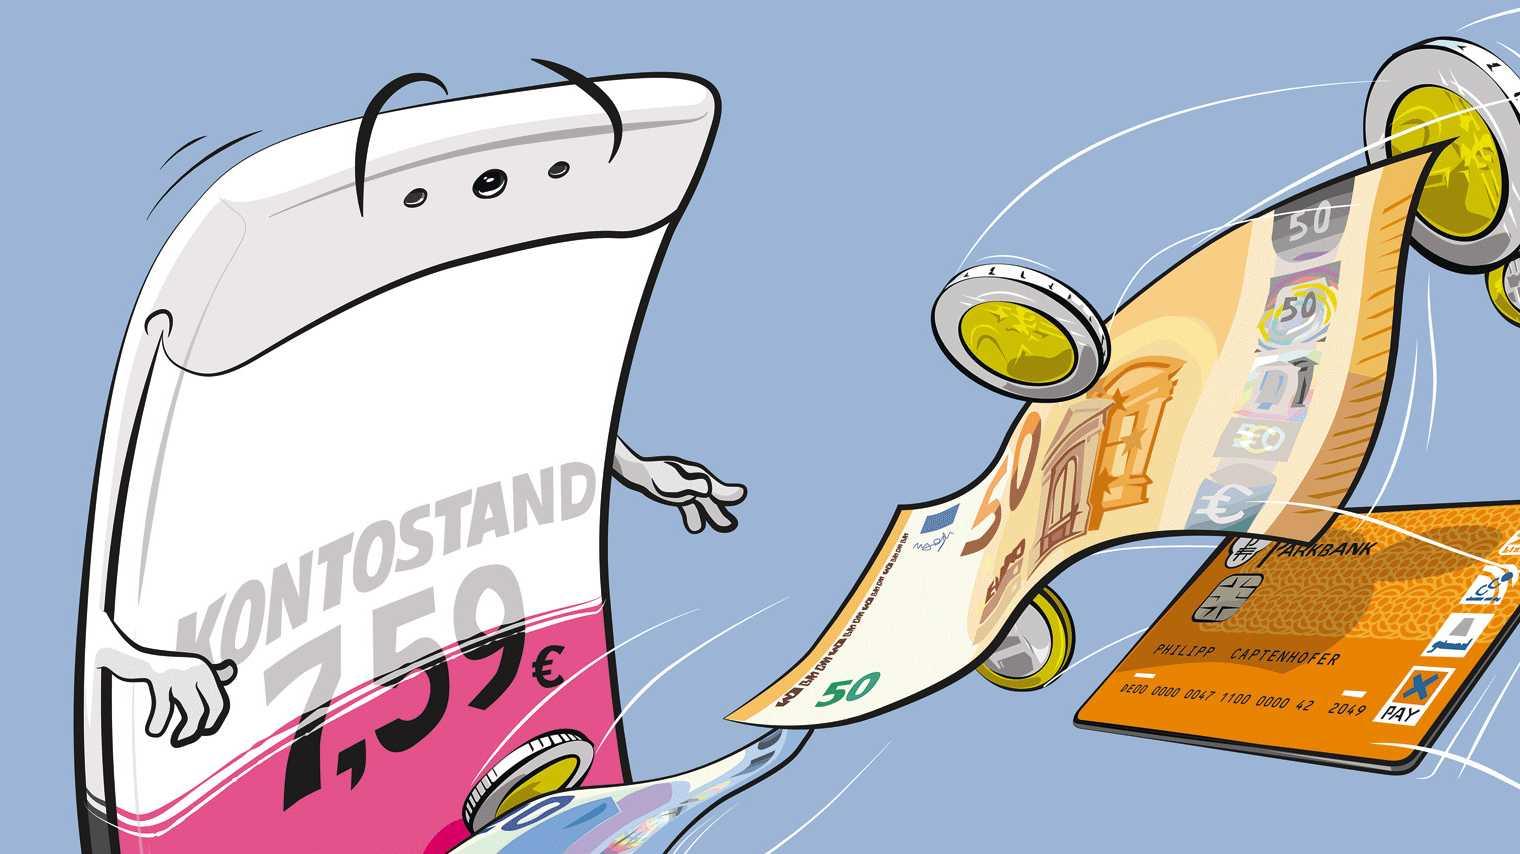 Volle Kostenkontrolle mit Prepaid Tarifen